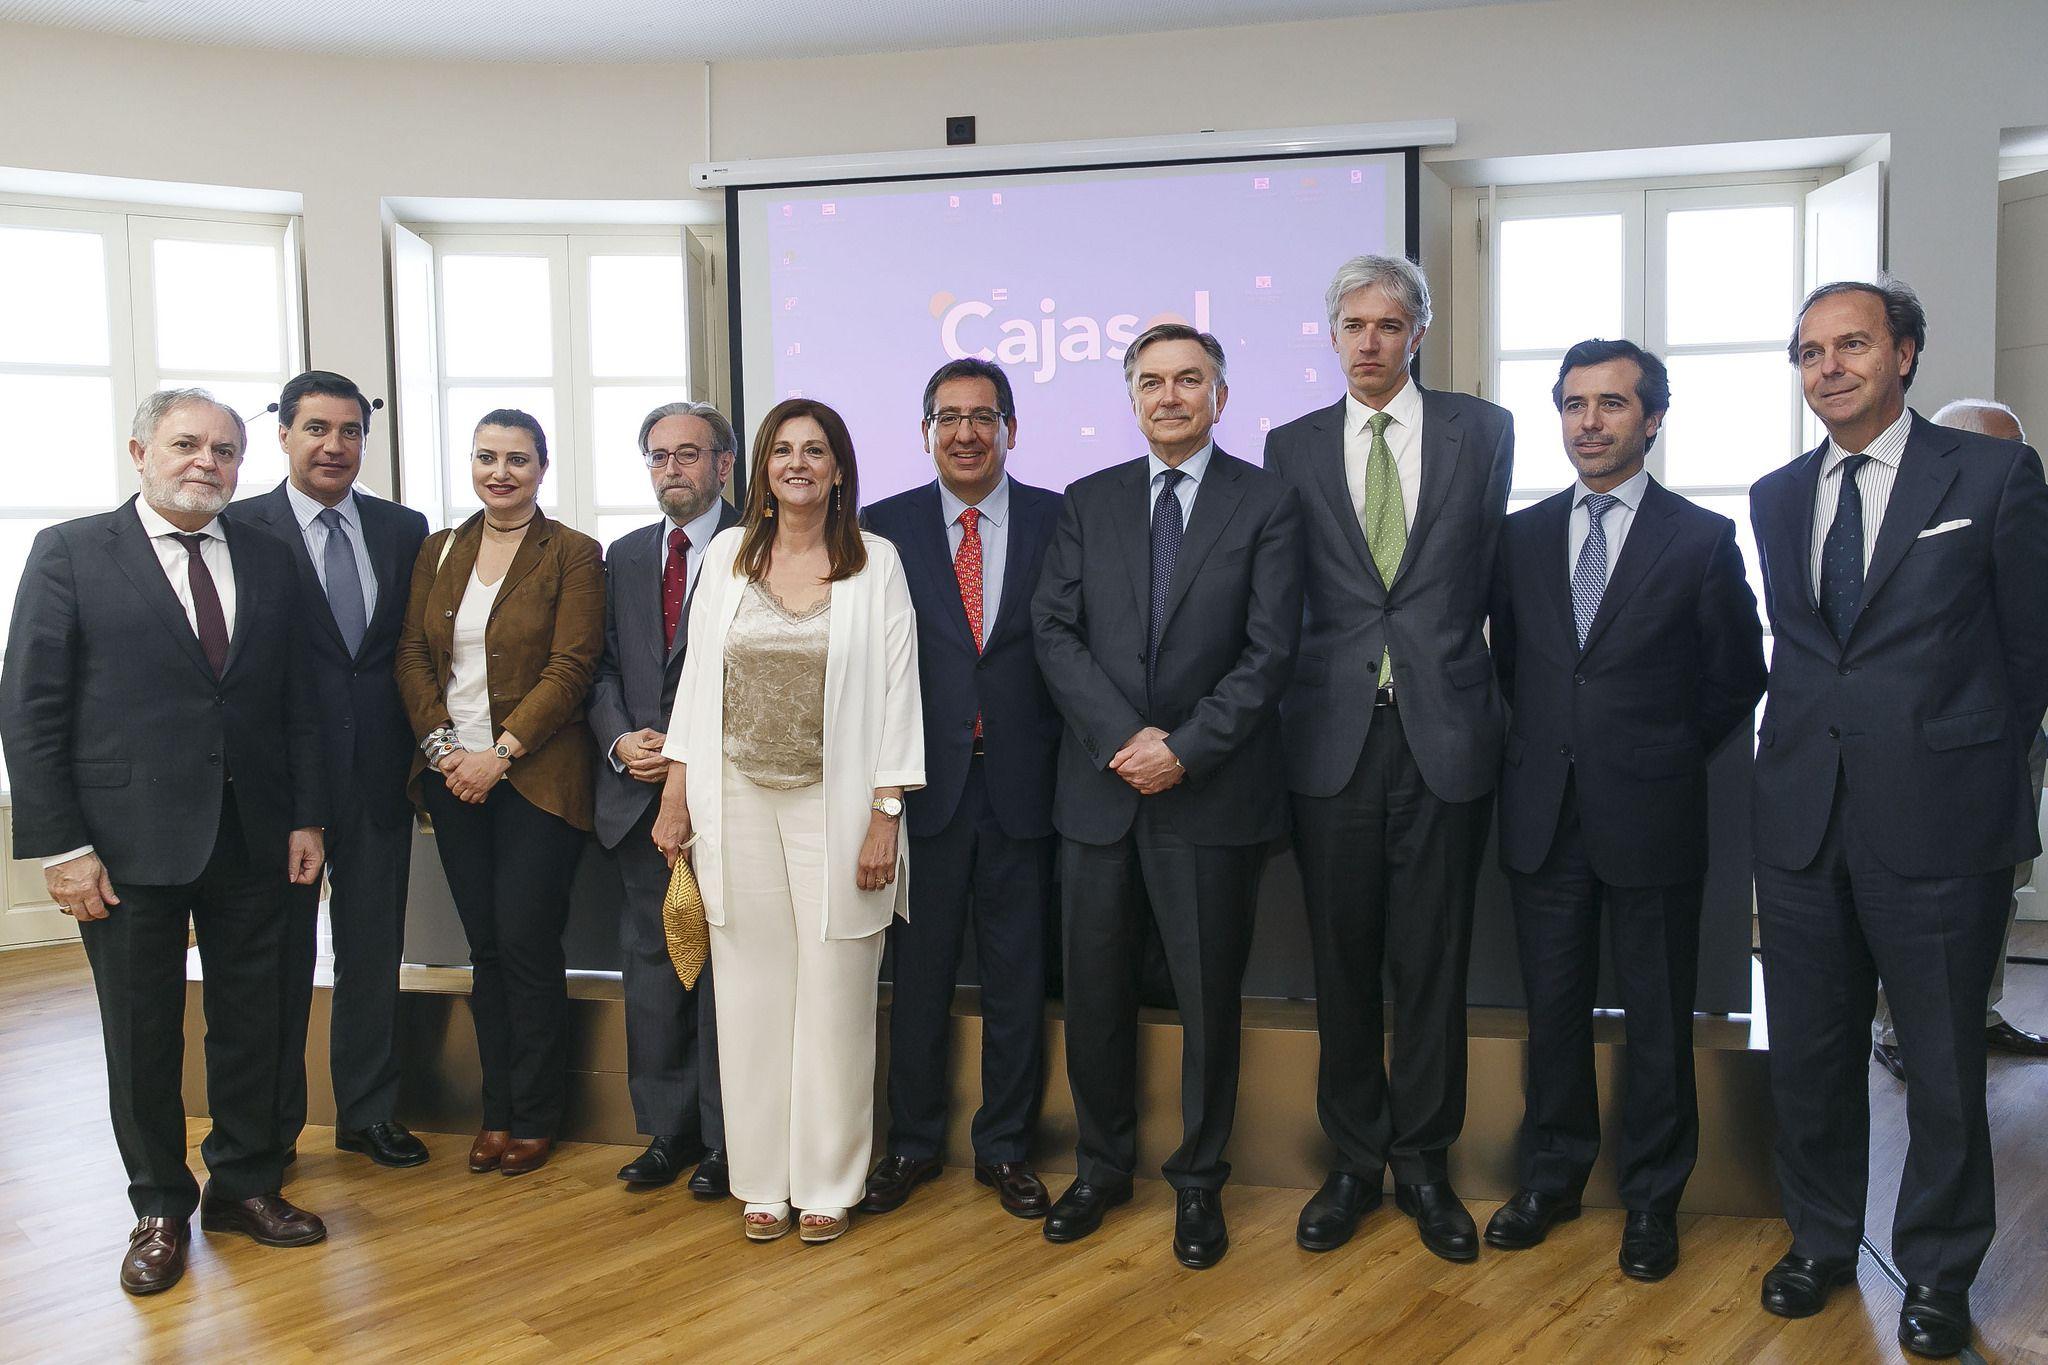 Antonio Pulido en el Encuentro con el Embajador de la Federación Rusa en la Fundación Cajasol